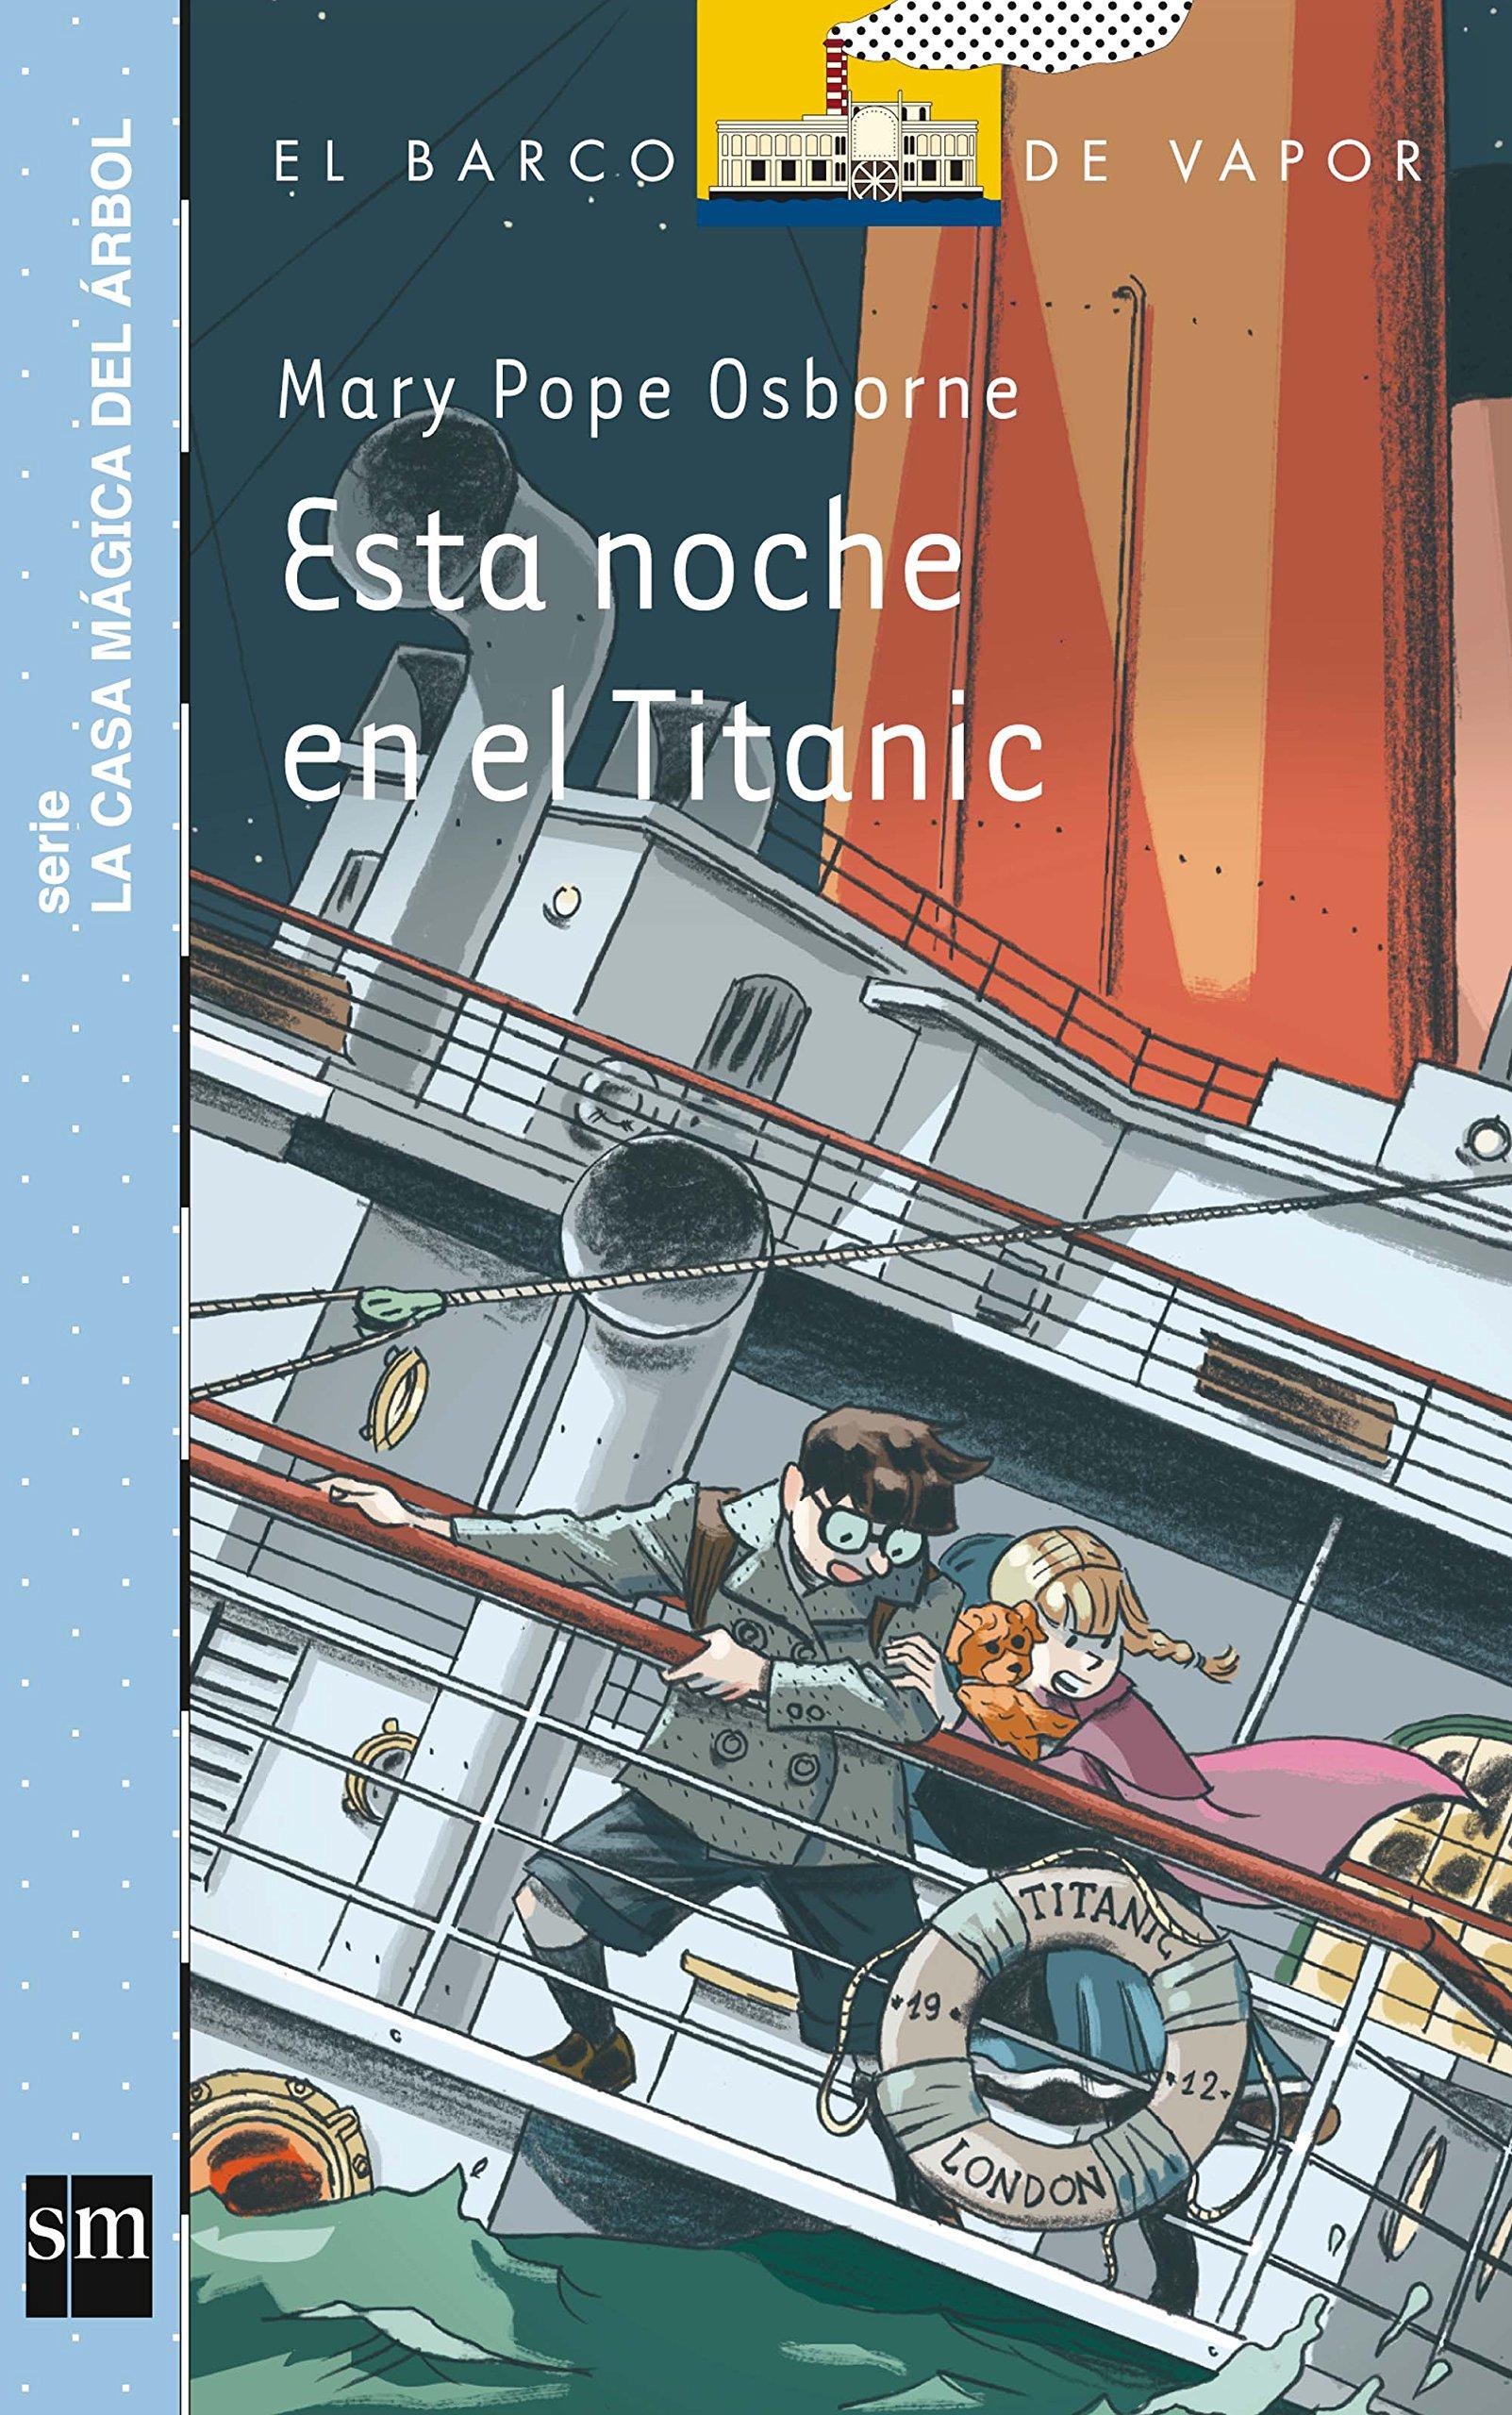 Read Online ESTA NOCHE TITANIC BVPA AZUL 15 SM PDF